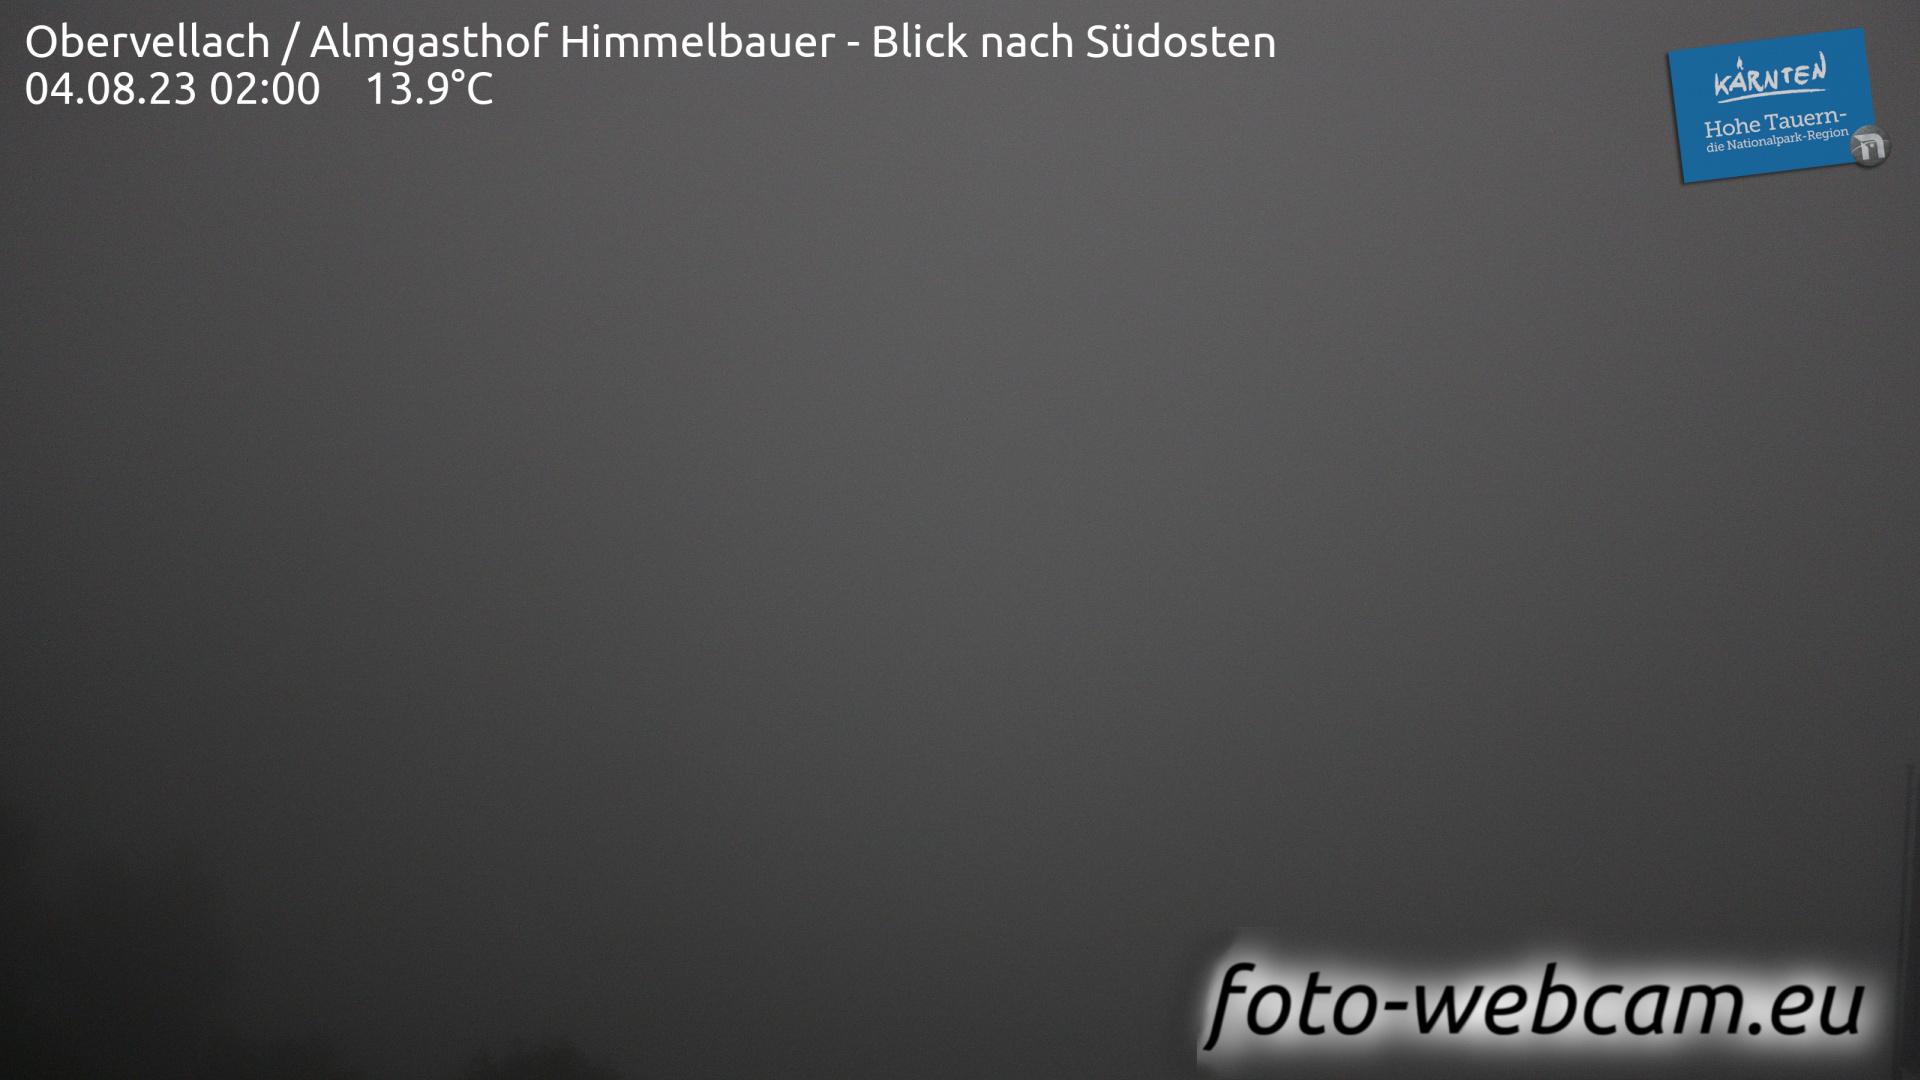 Obervellach Fr. 02:27